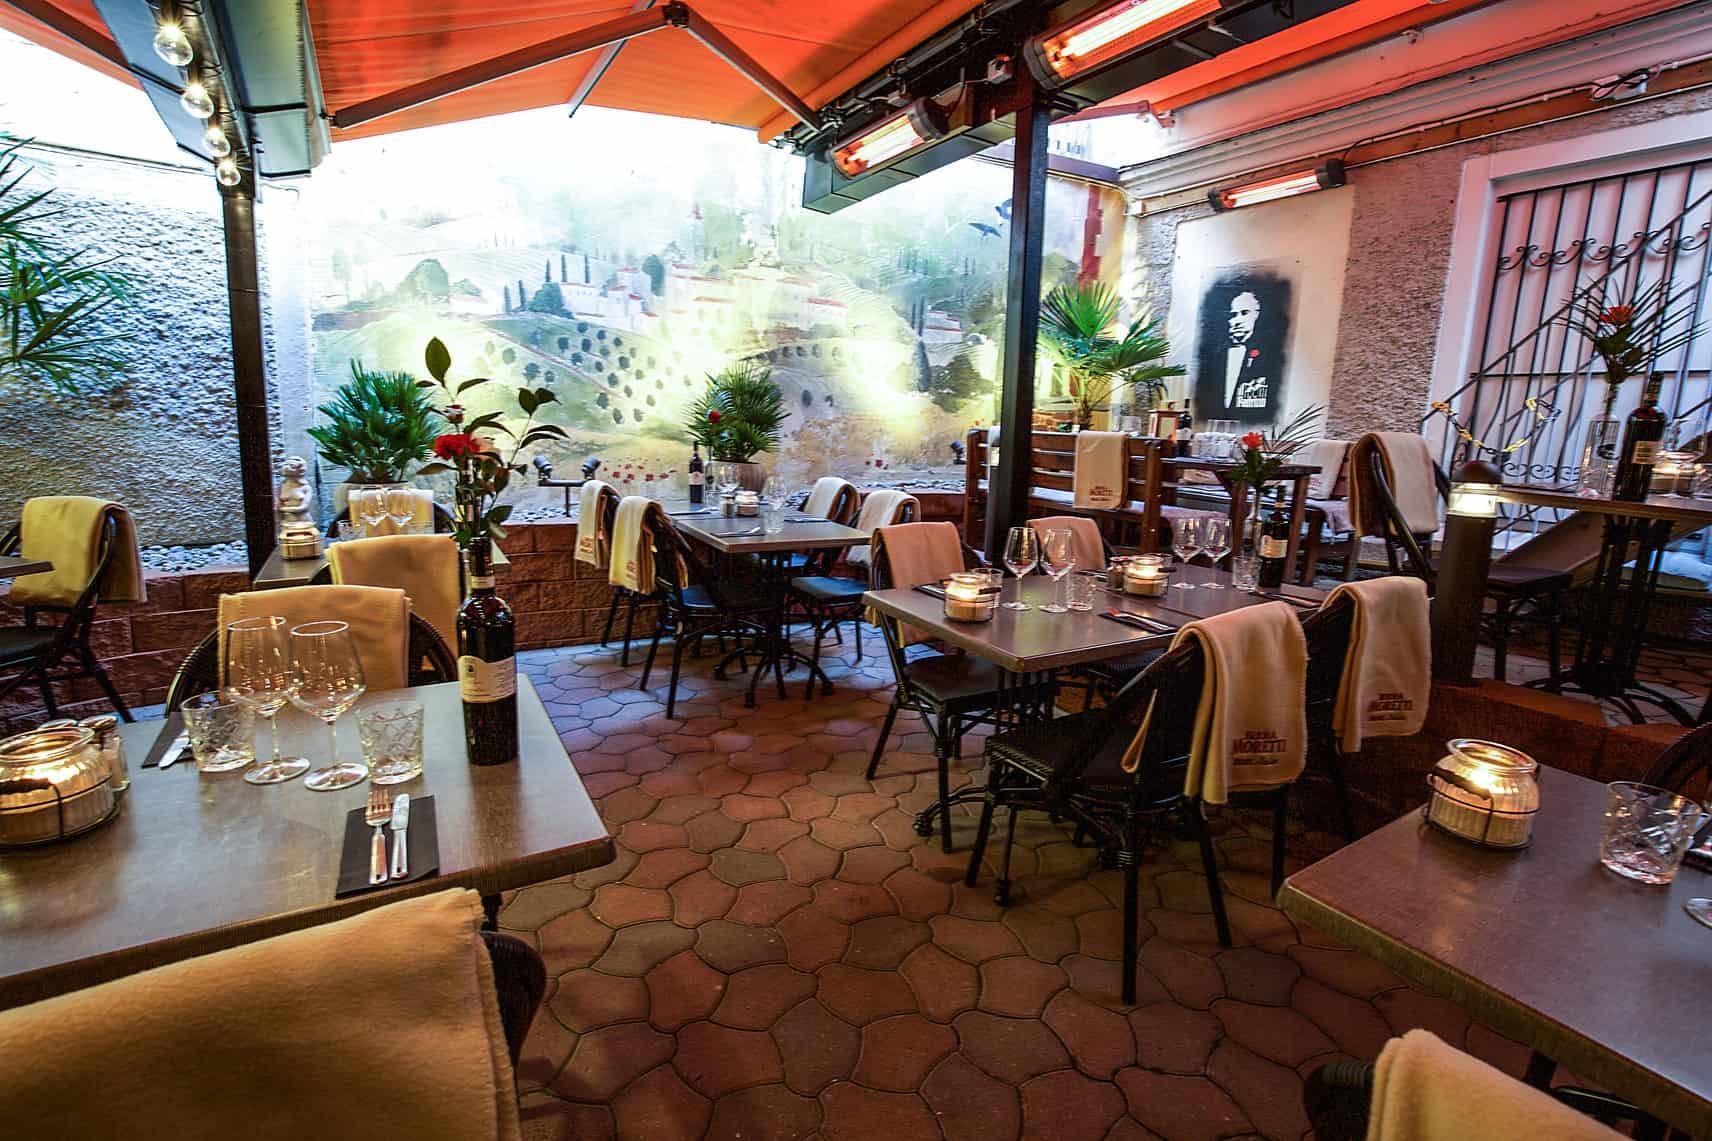 Mysig italiensk restaurang